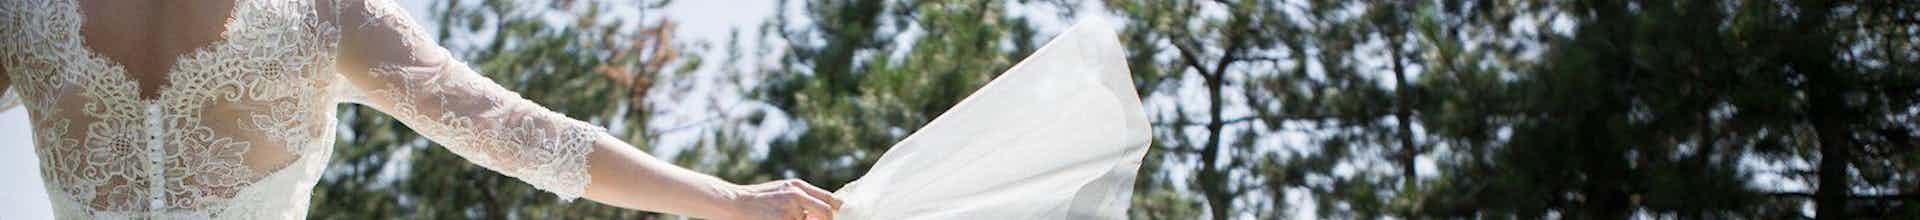 bruid-bruiloft-fotos.jpg